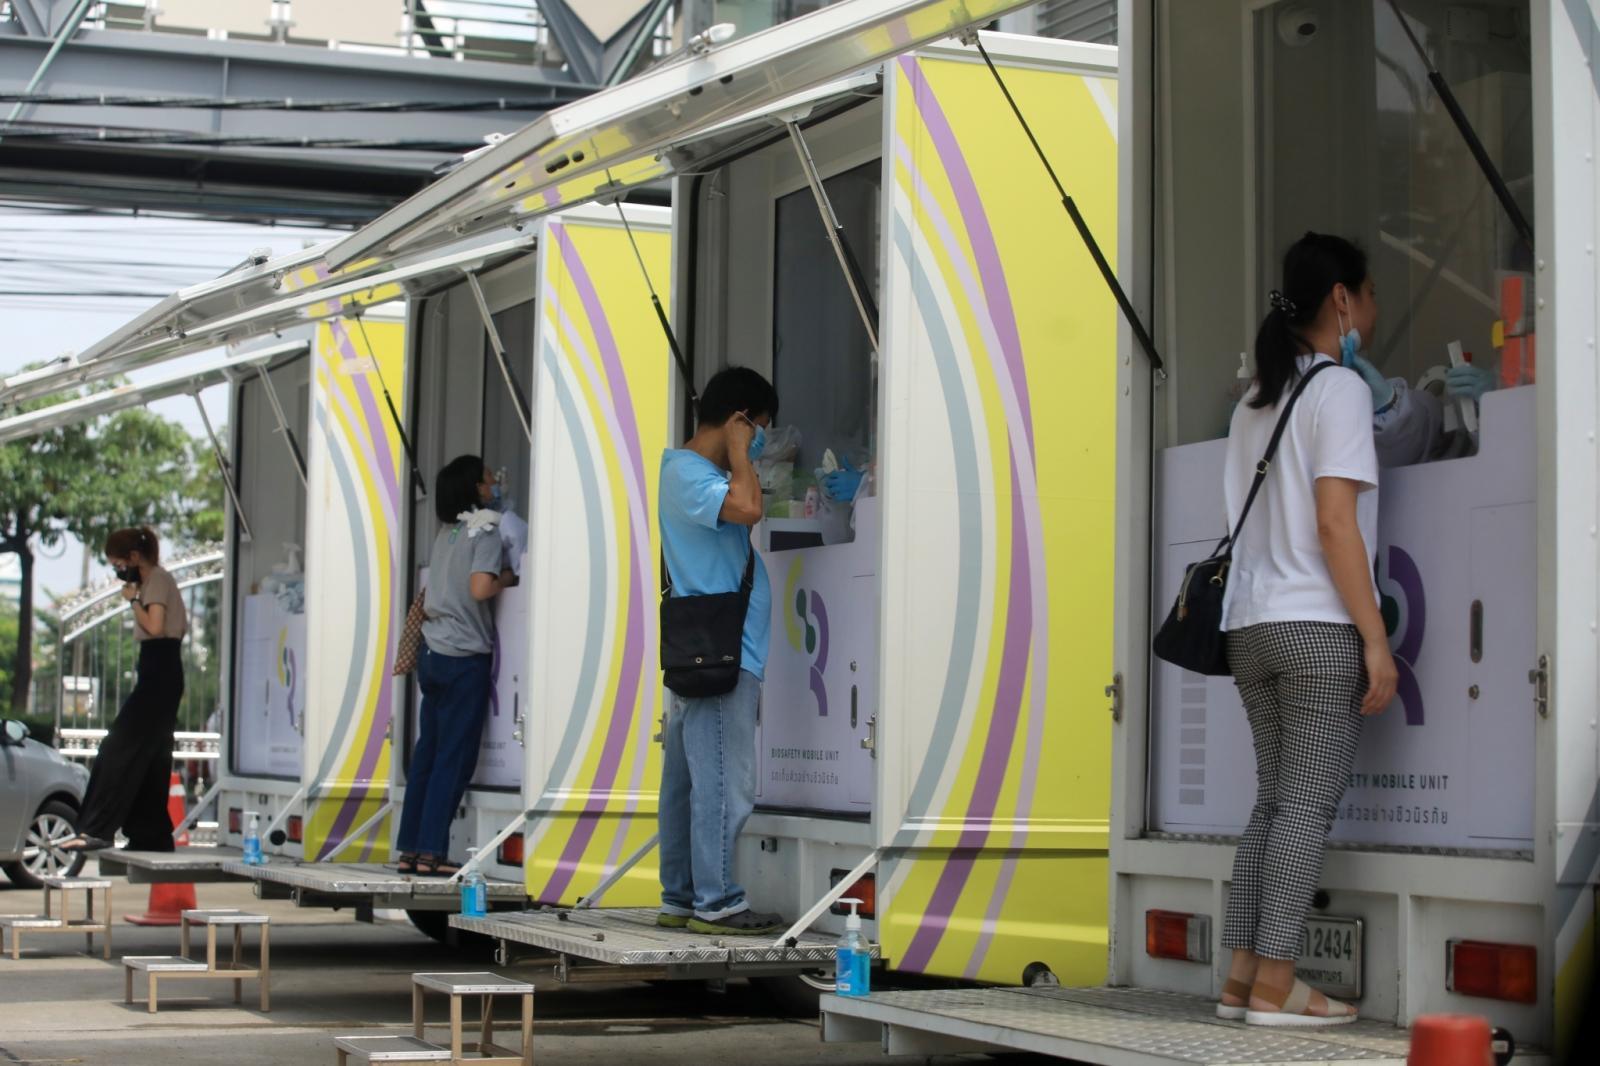 กสิกรหั่นเศรษฐกิจไทยเหลือ 1.8% เจอพิษโควิดรอบใหม่รุนแรงกว่าก่อนหน้า